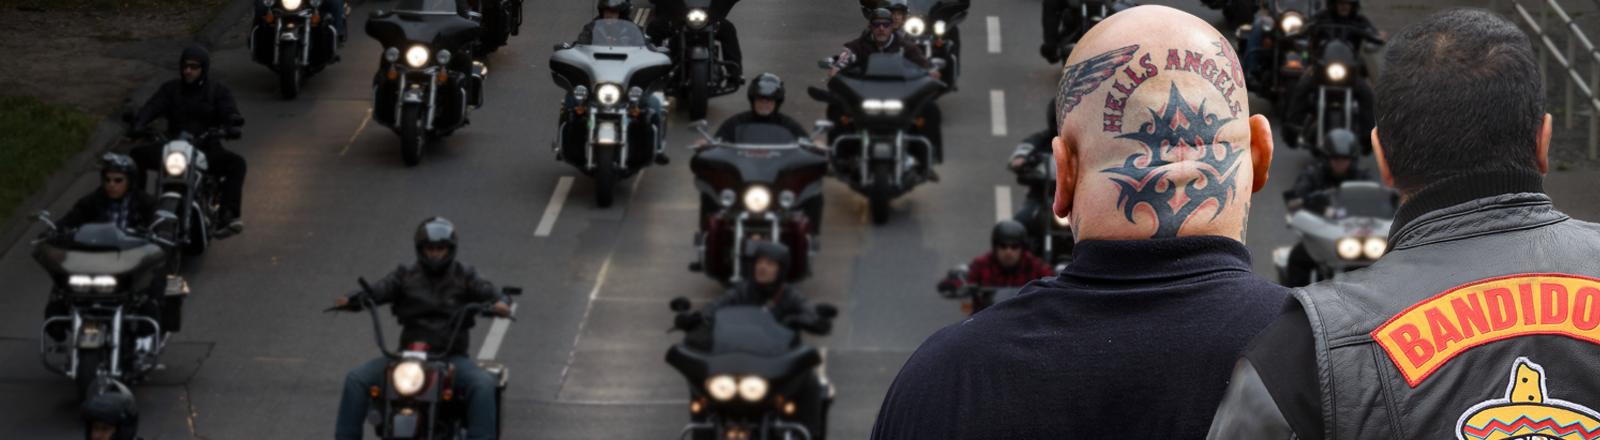 Ein Mitglied der Hells Angels und eines der Bandidos von hinten vor dem Hintergrund eines Motorradcorsos